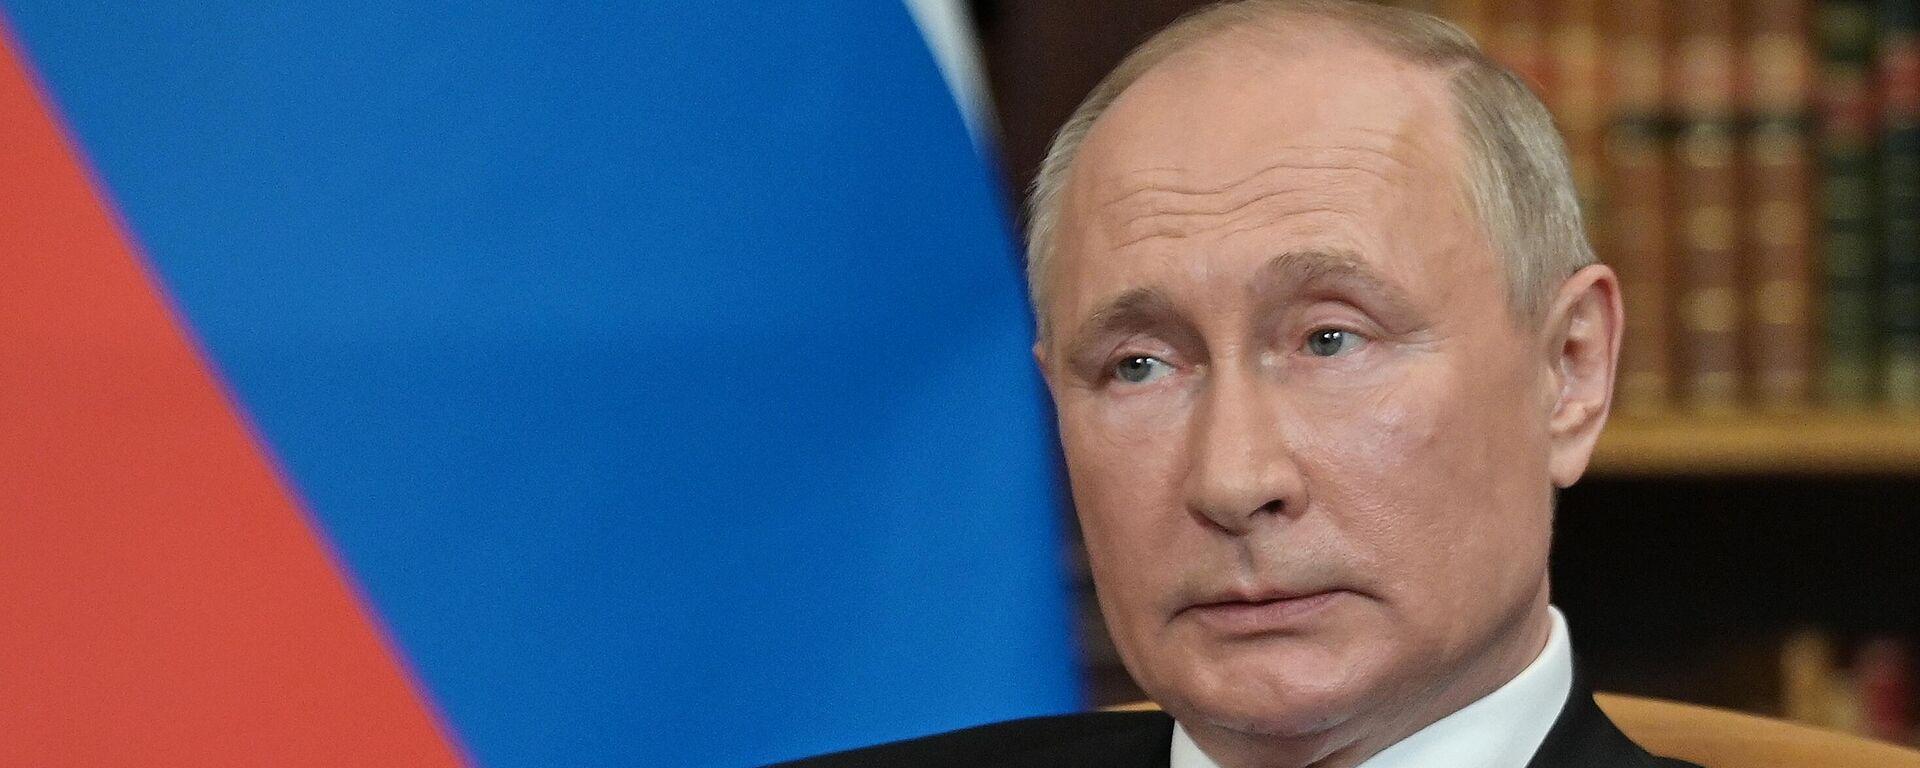 Встреча президентов России и США В. Путина и Дж. Байдена в Женеве - Sputnik Ўзбекистон, 1920, 03.09.2021